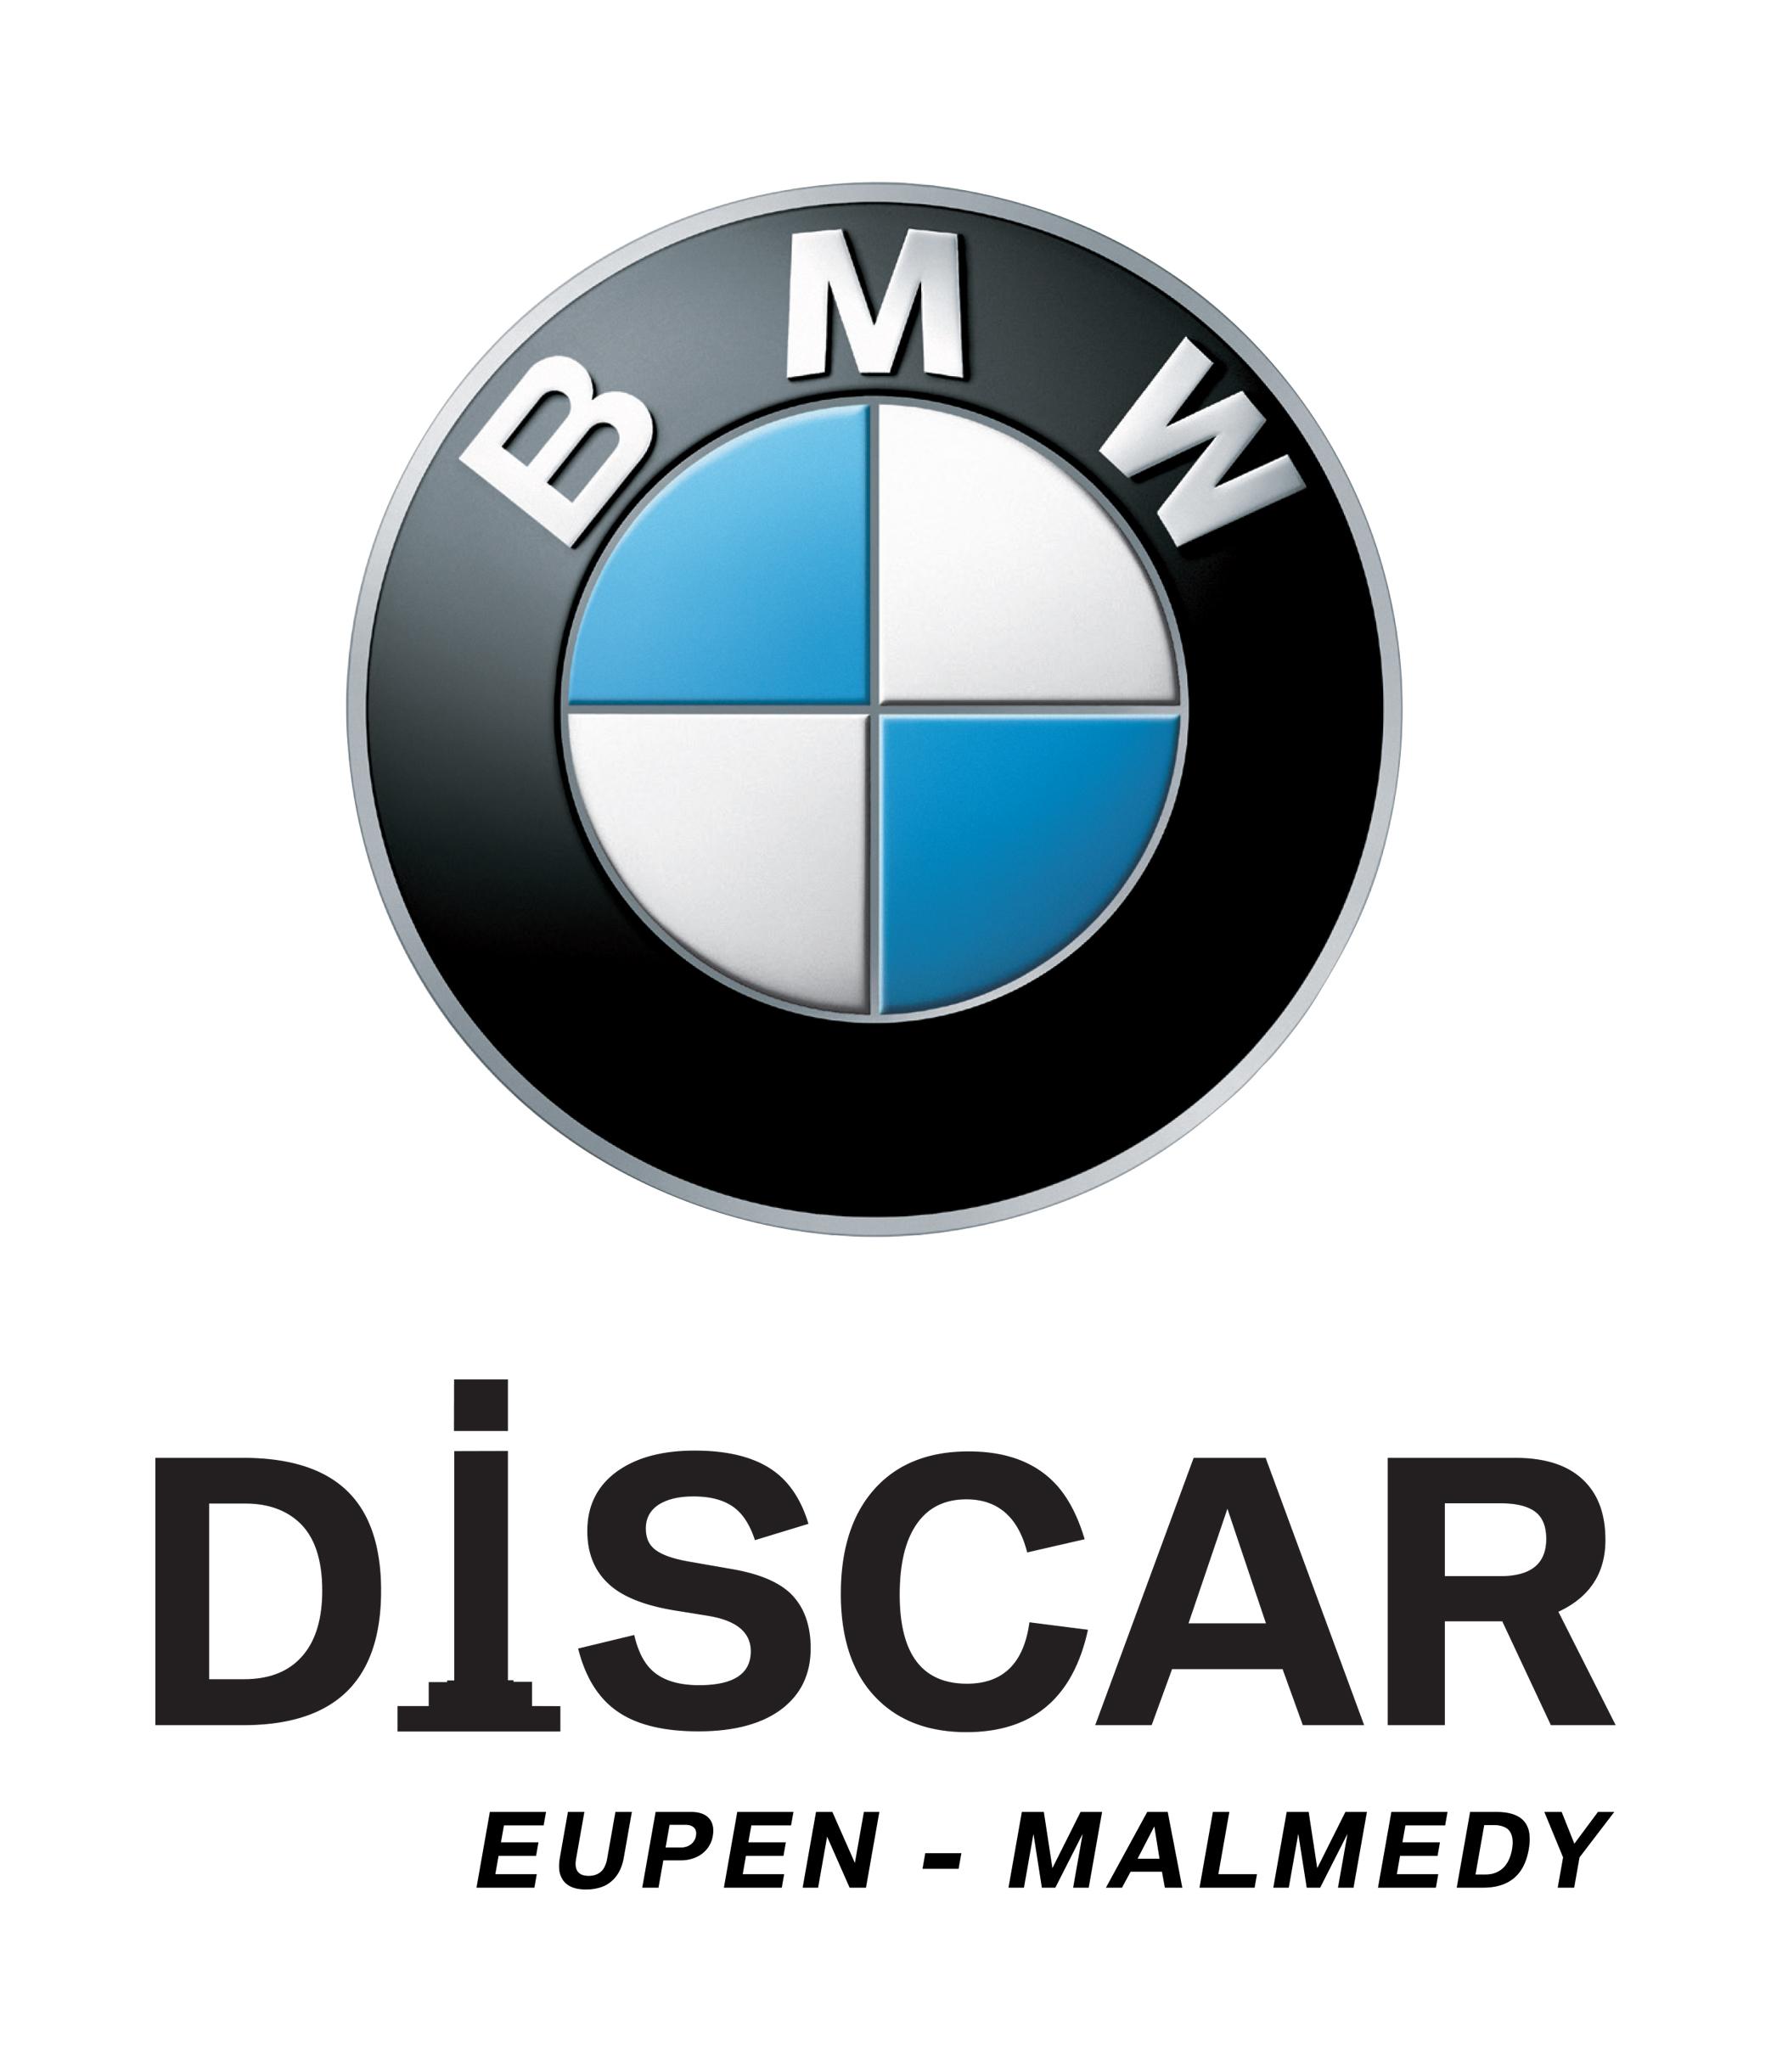 BMW Discar